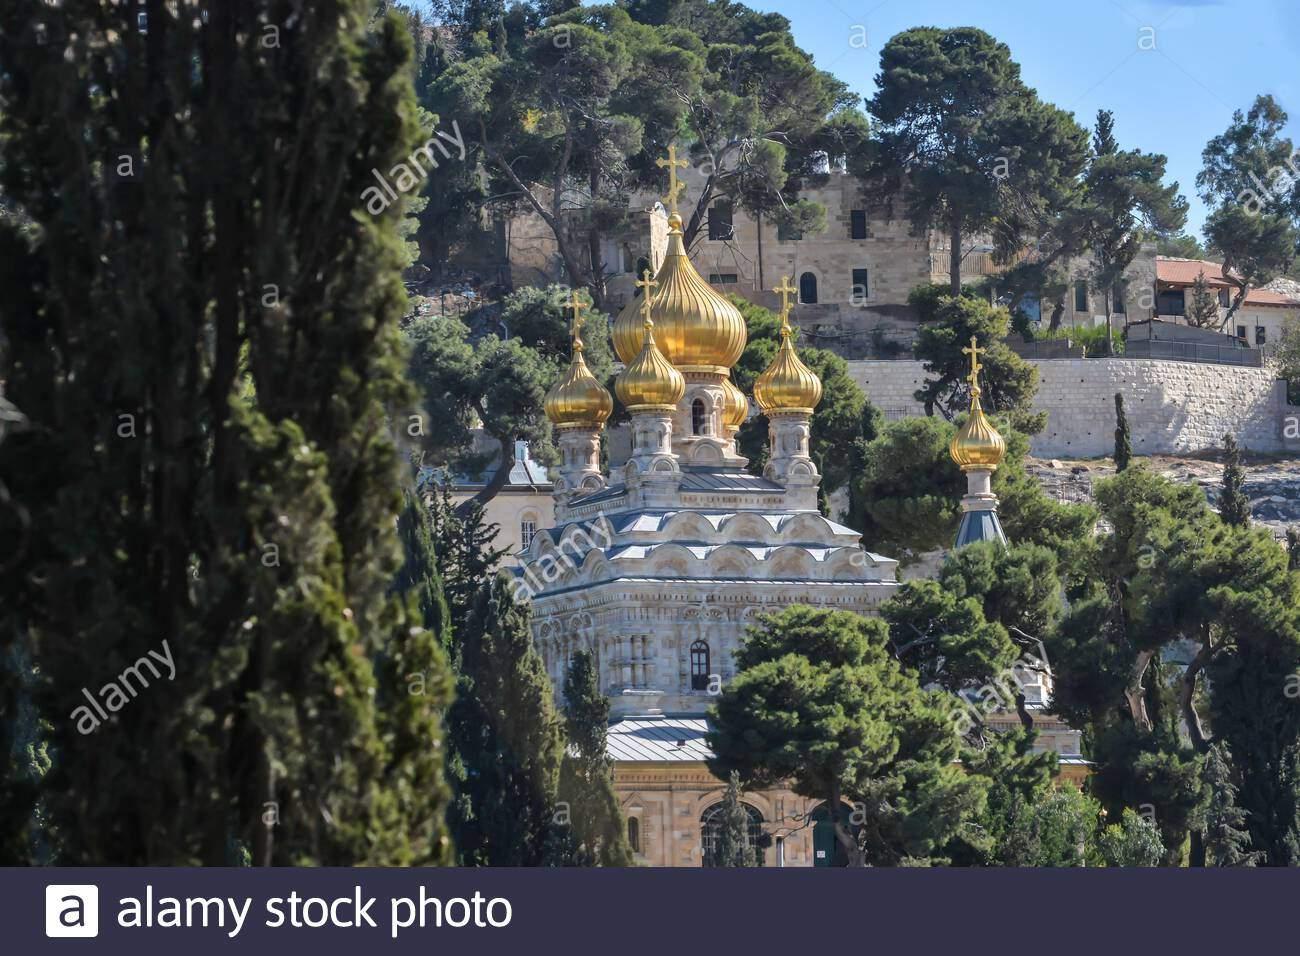 kirche st maria magdalena im garten hsemane hauptkirche der hsemane kloster von bethanien gemeinschaft von der auferstehung christi jerusalem ich 2ahmmae